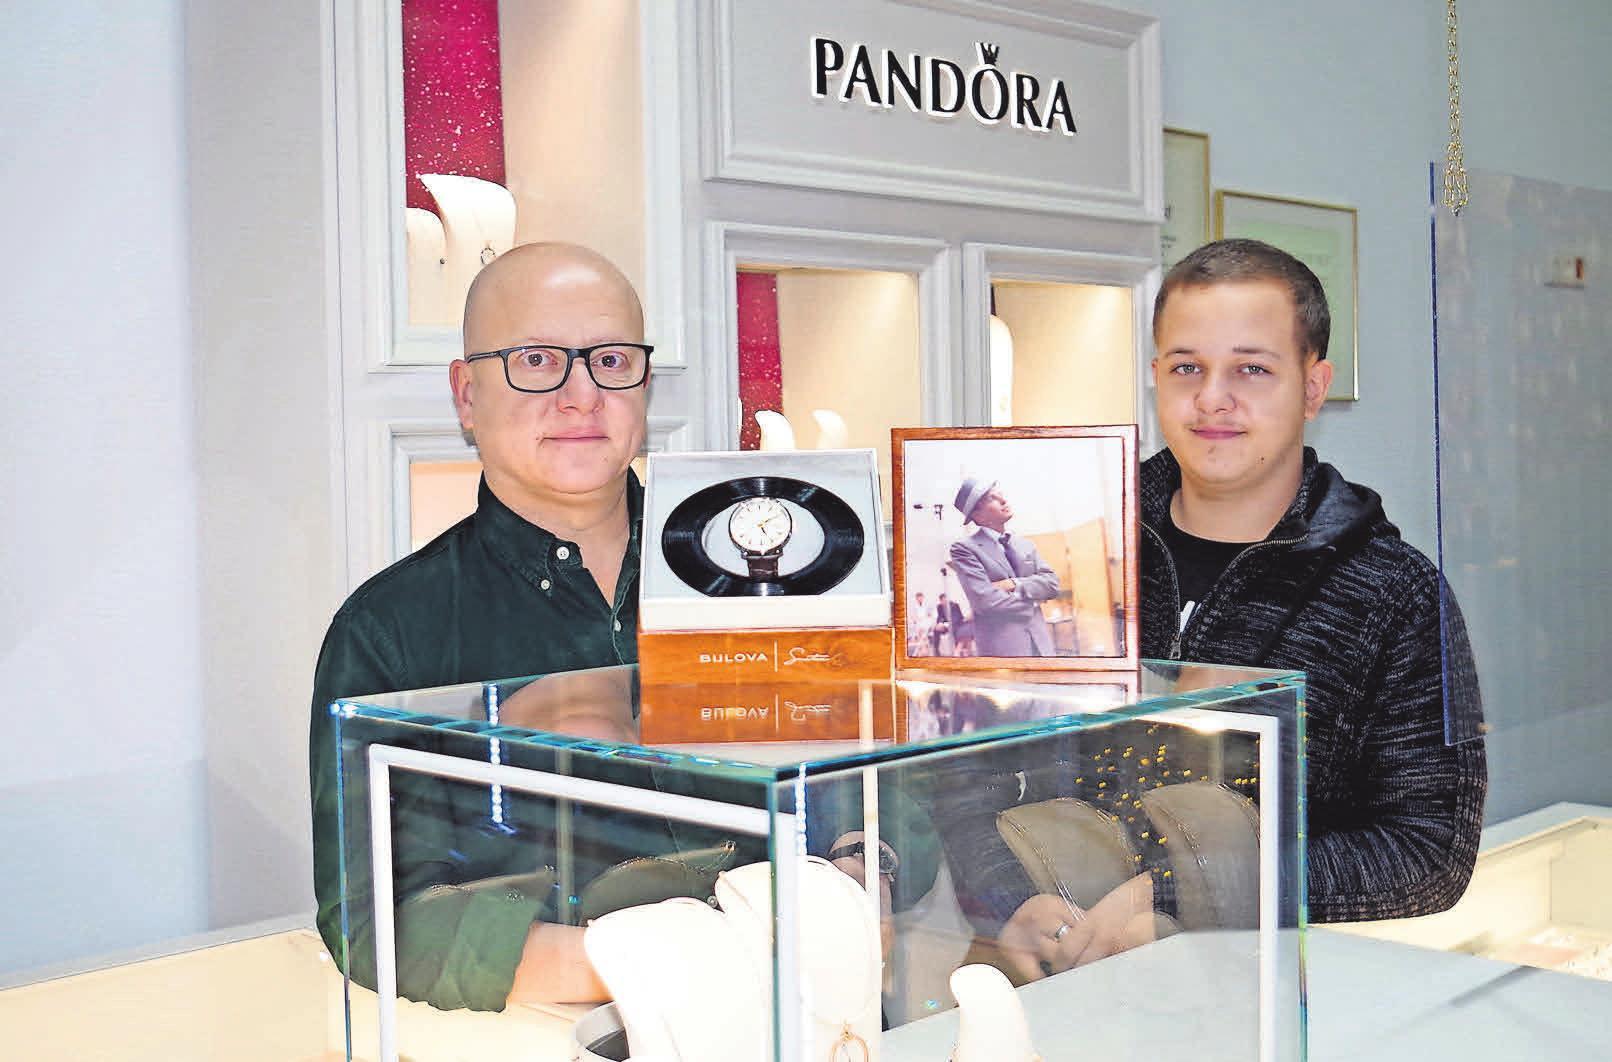 Firmenchef Michael Graeber und sein Sohn Daniel stellen die neue Kollektion vor.